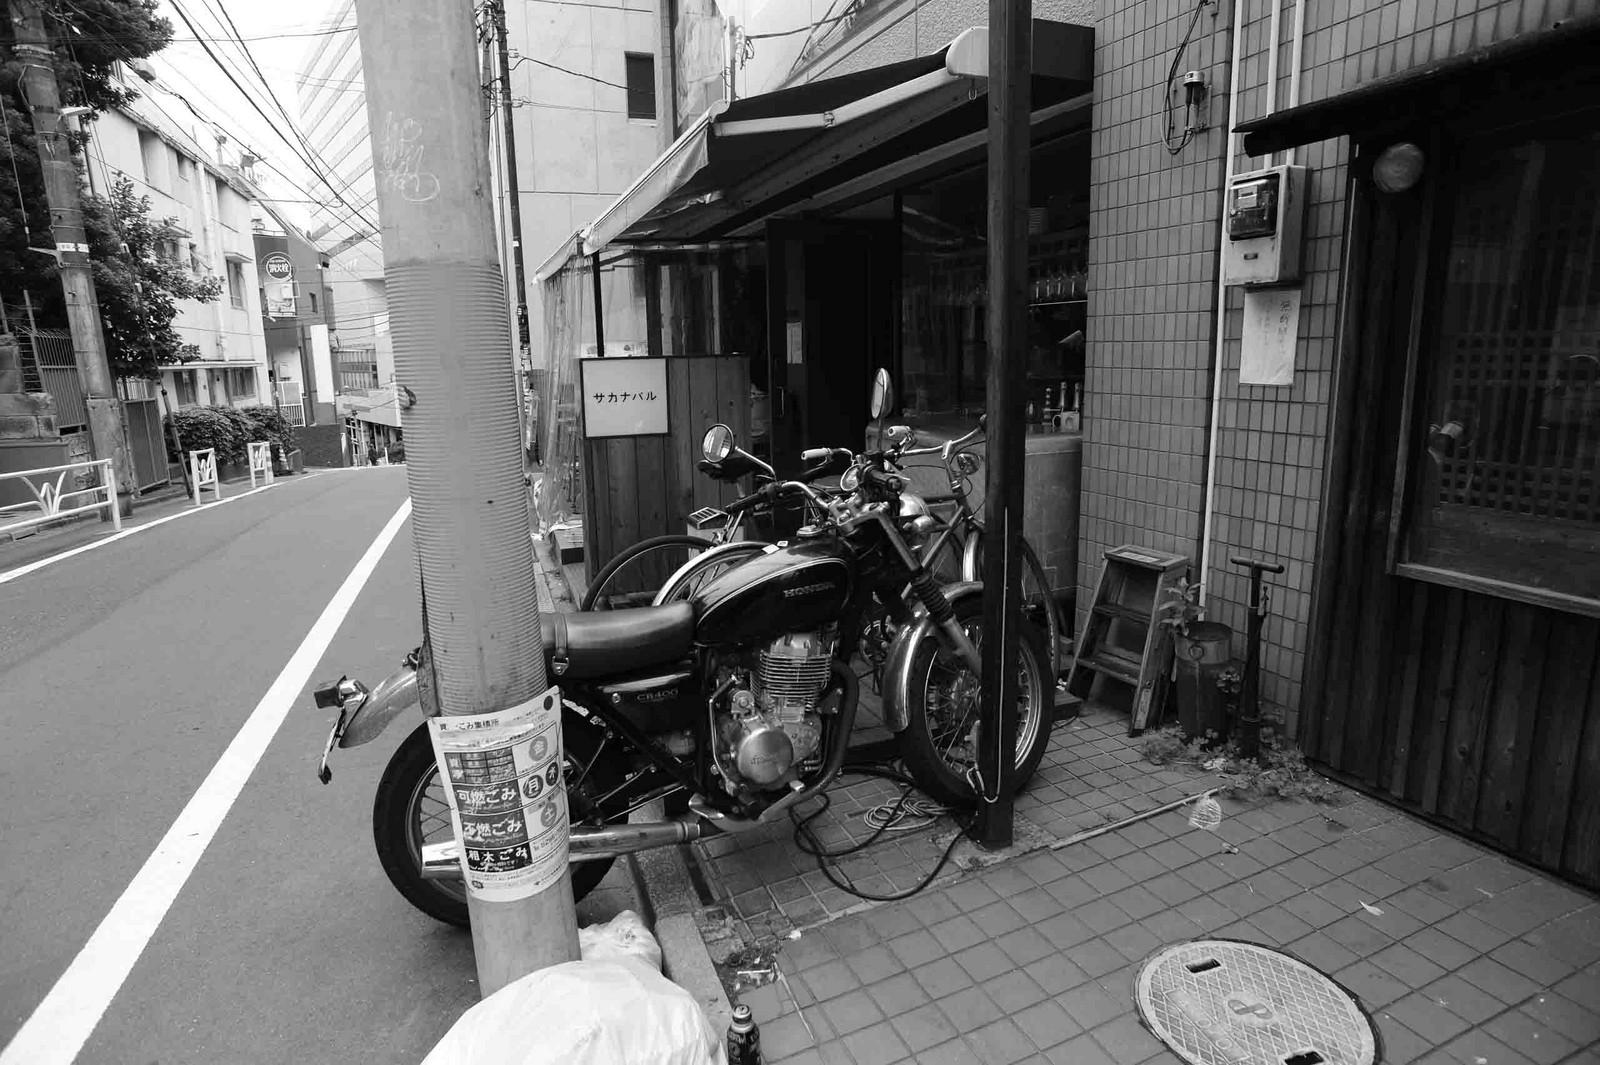 Dsc_00432